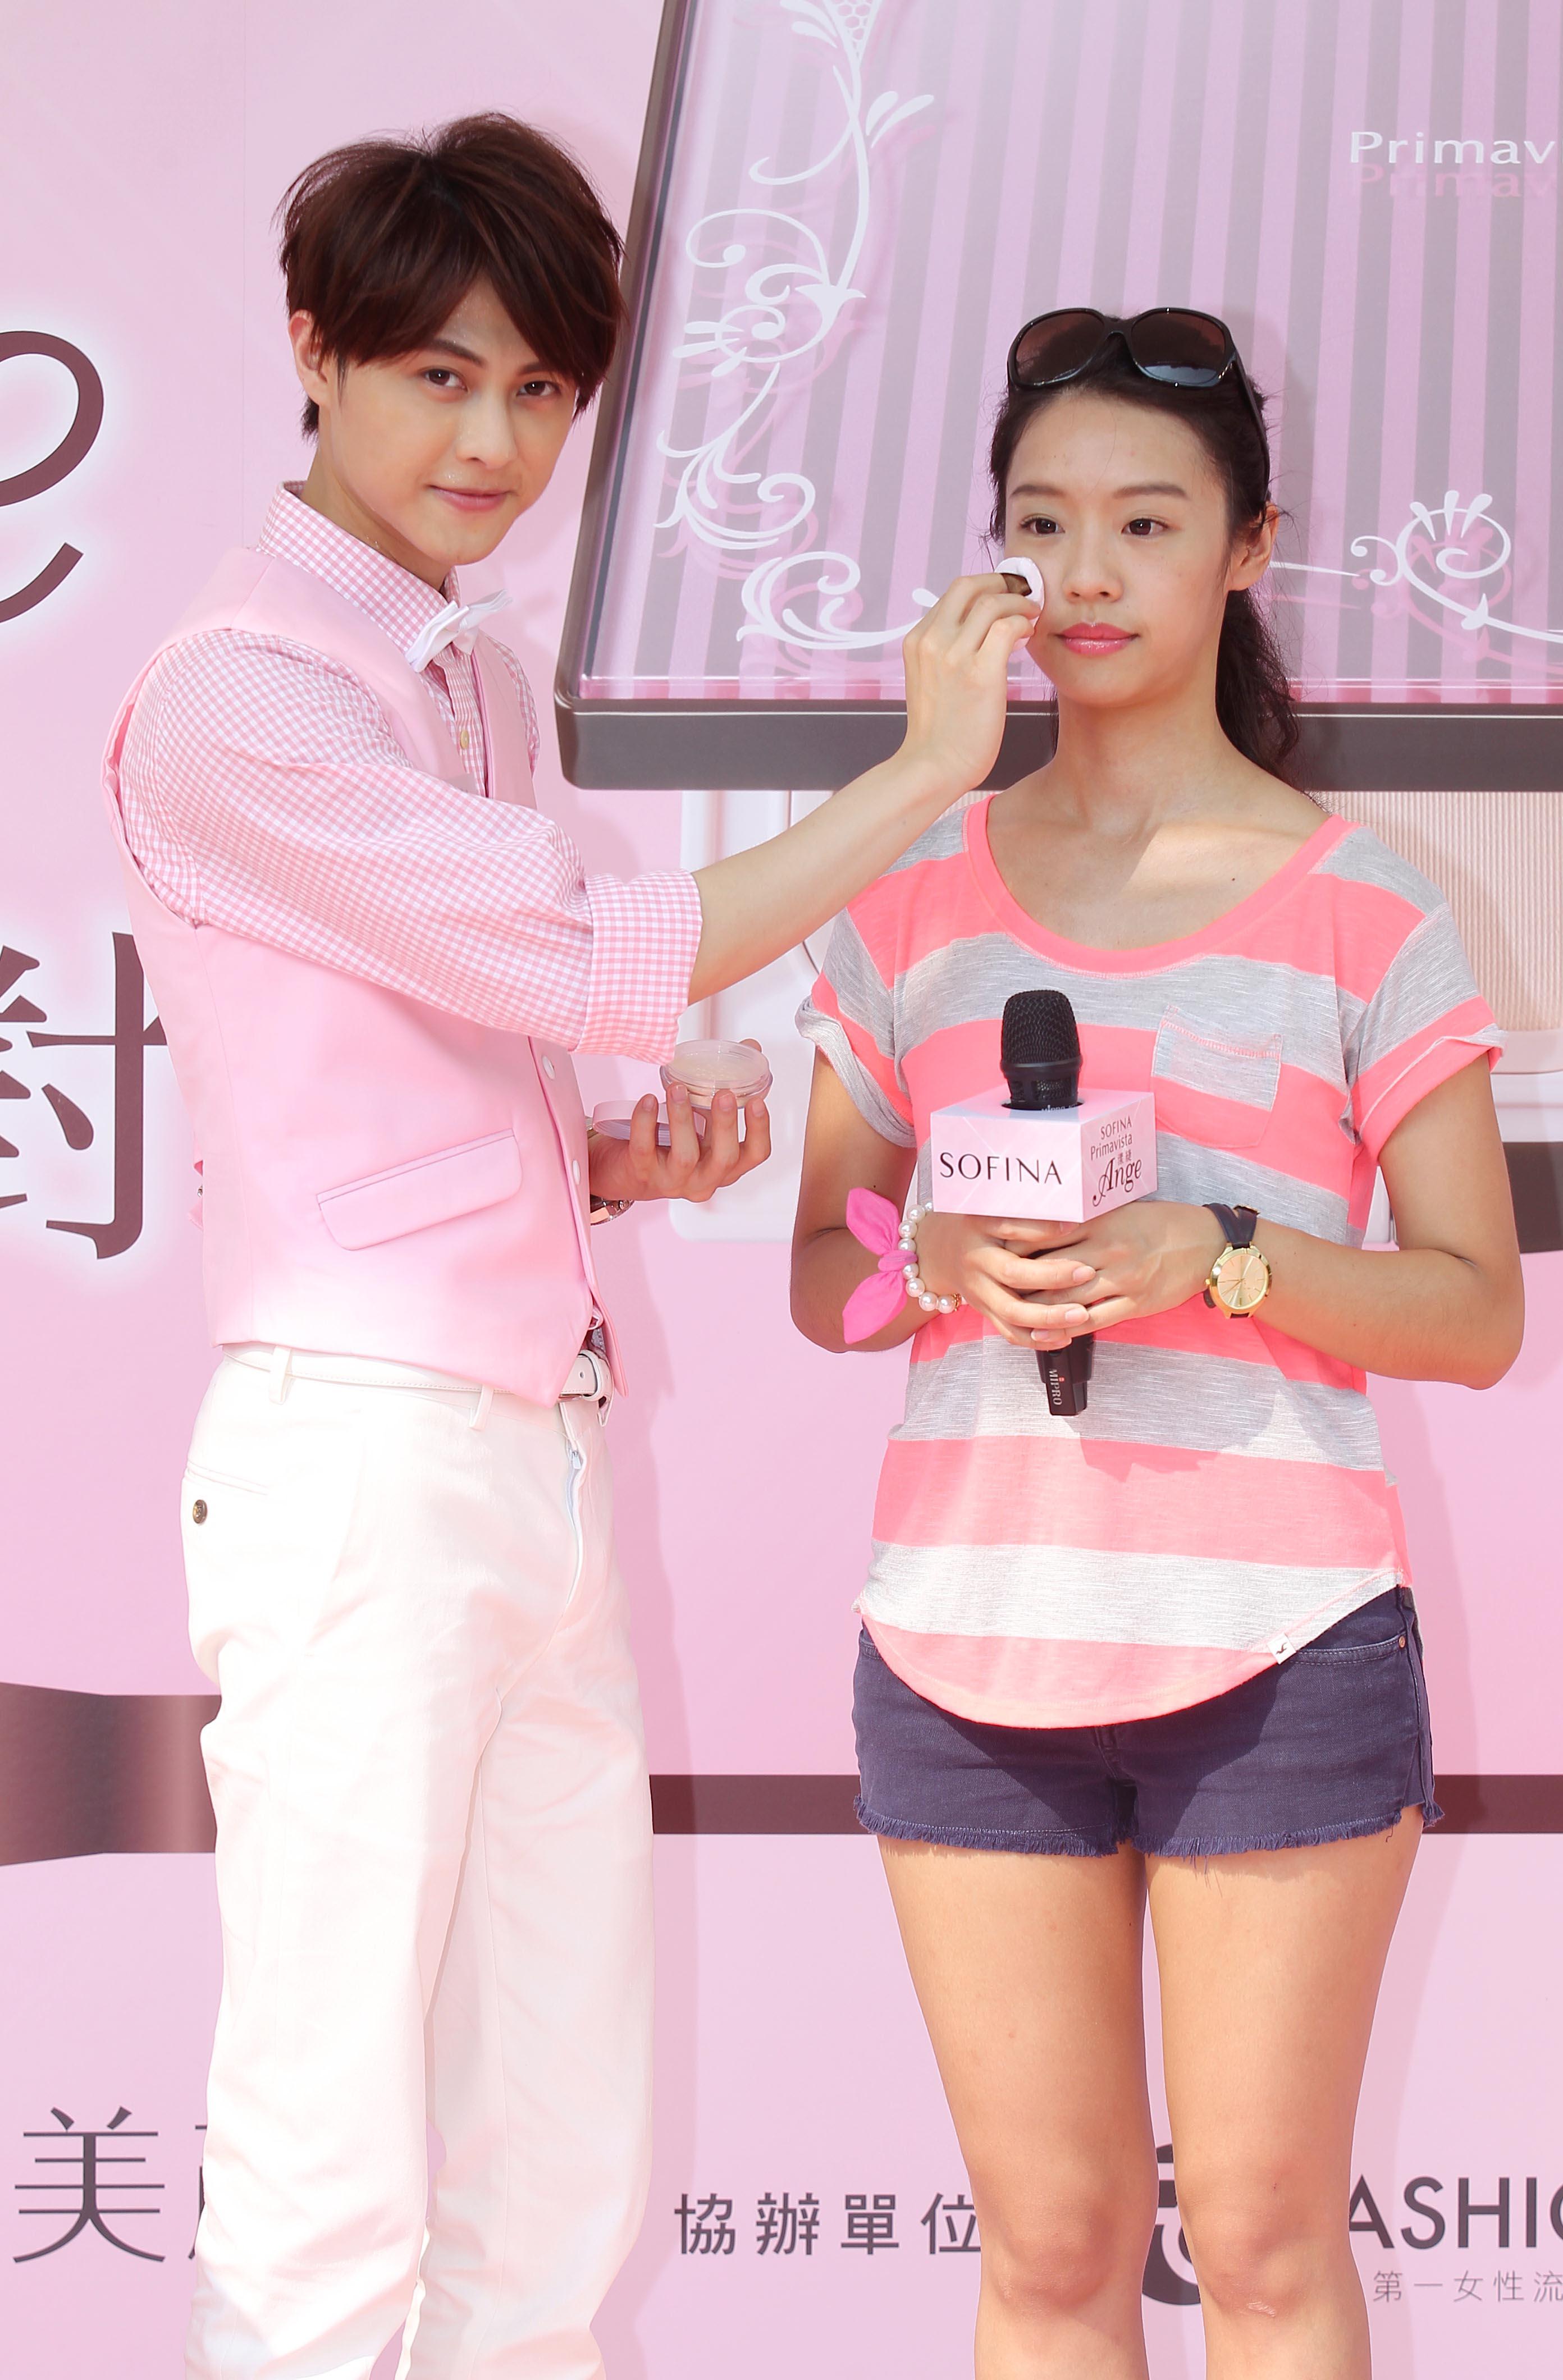 圖4:高人氣偶像「王子-邱勝翊」使用SOFINA漾緁控油瓷效蜜粉,為漾緁女孩打造令人心動的天使肌底妝